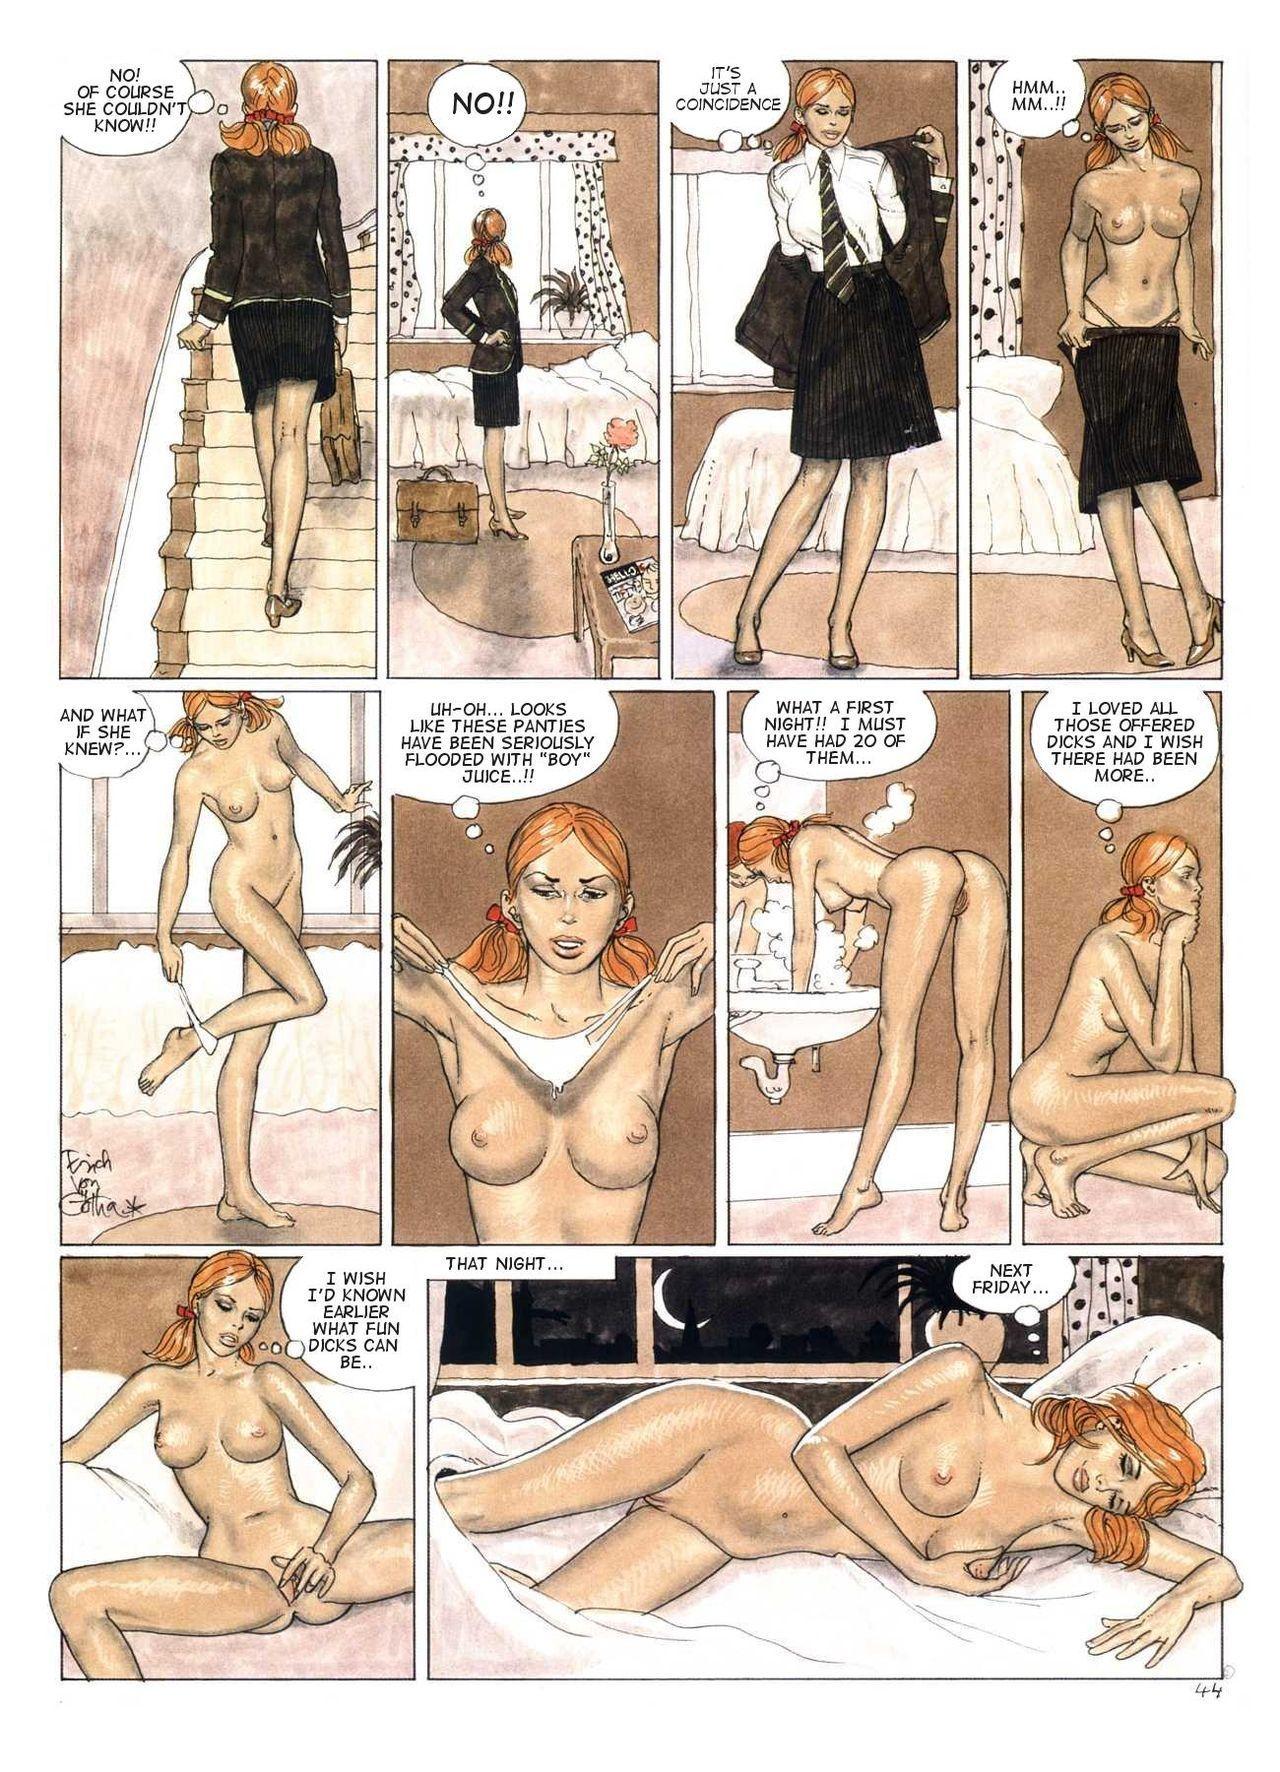 Erich Von Gotha The Education of Sophie - part 3